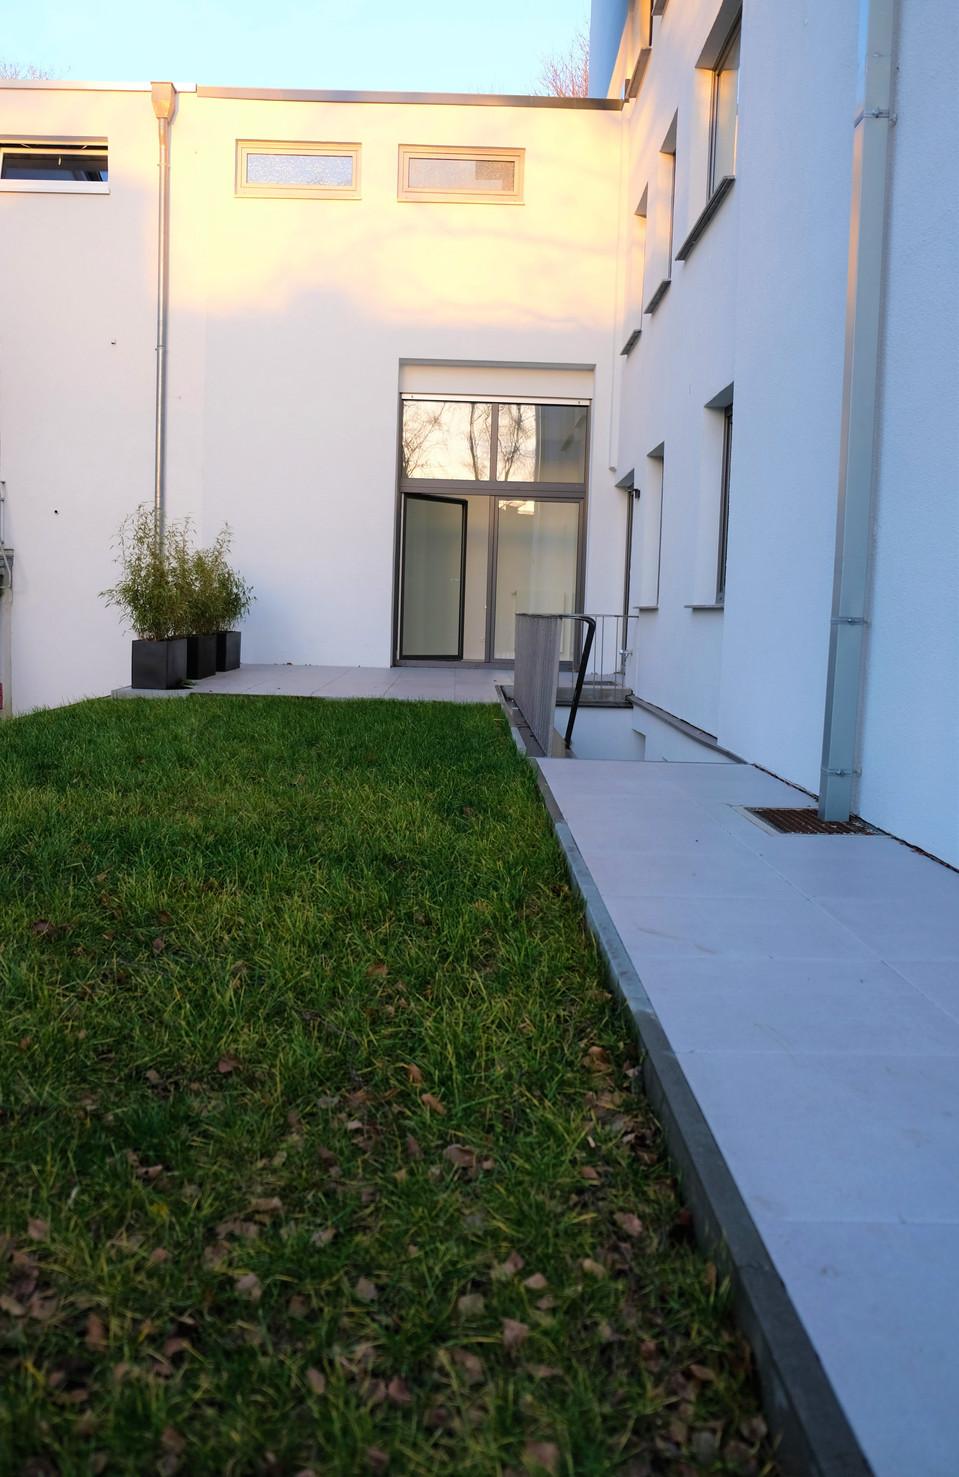 Moderne 2-Zimmer-Wohnung inklusive eigenem Terrassen- und Gartenbereich I Aachen-Lousberg/Nizzaallee